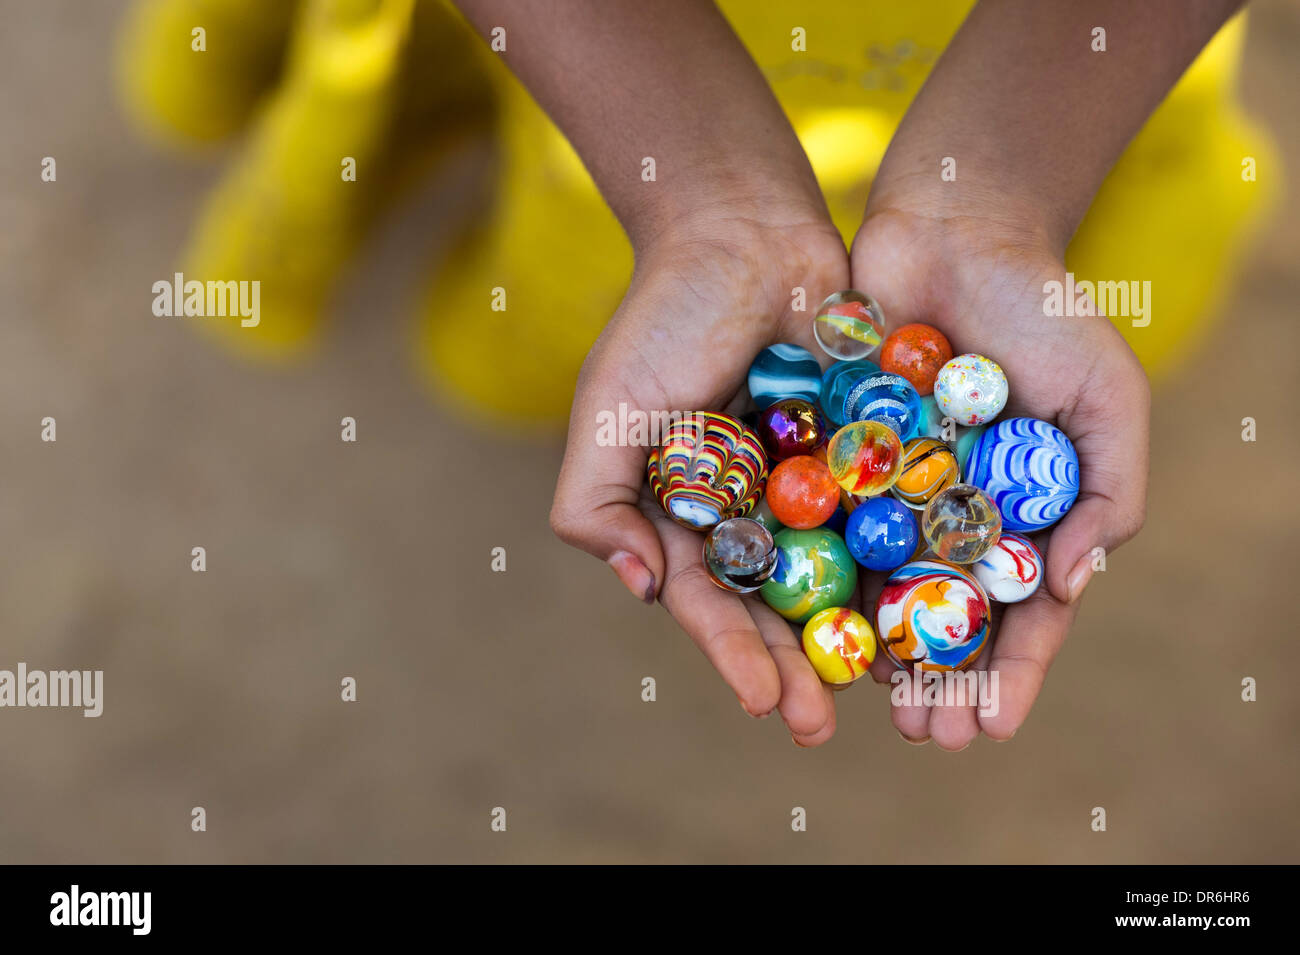 Ragazze indiano mani marmi colorati Immagini Stock